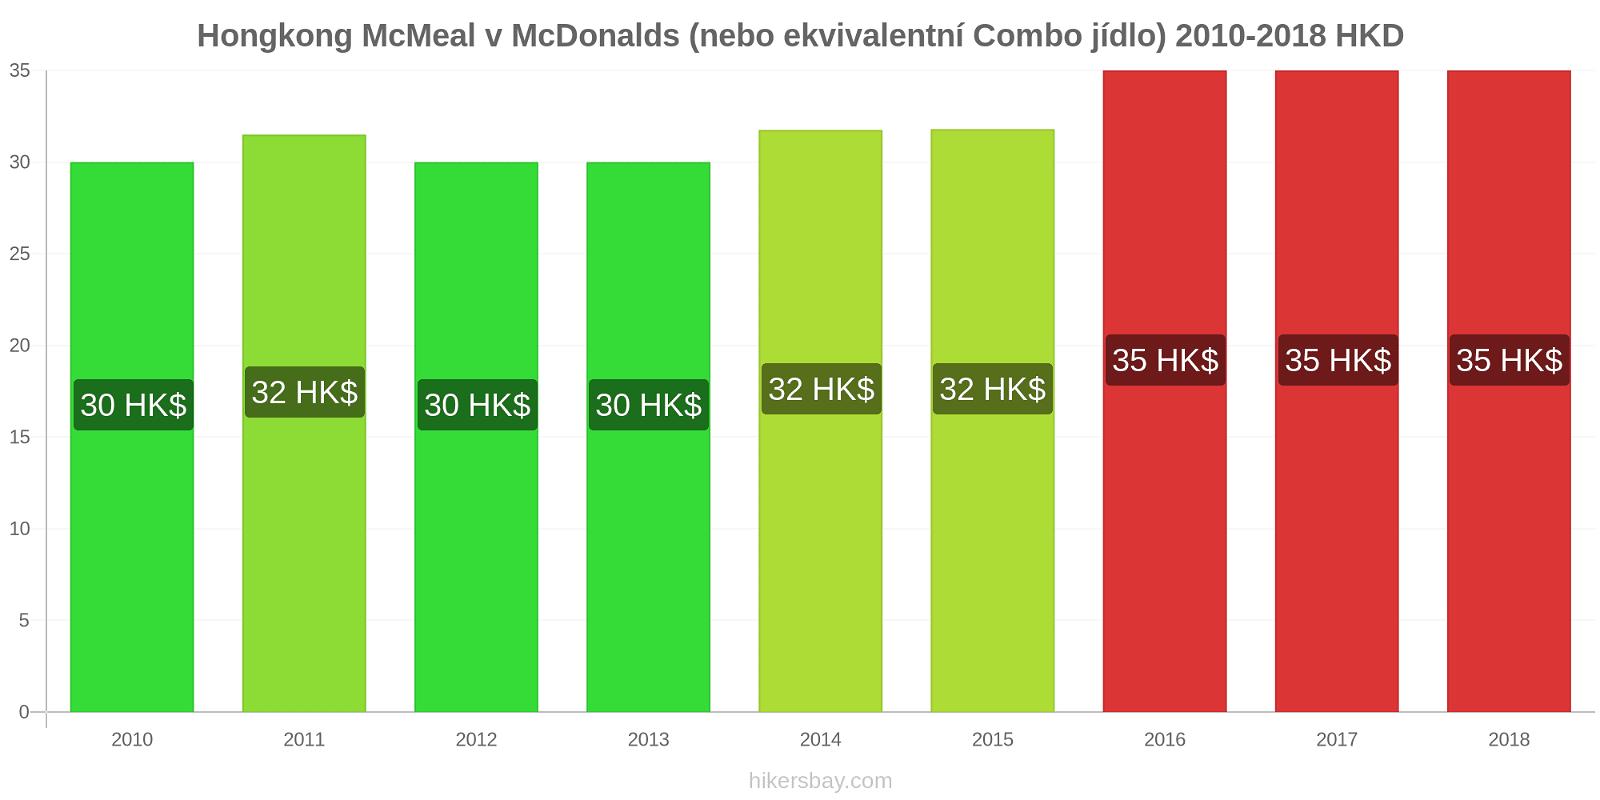 Hongkong změny cen McMeal v McDonalds (nebo ekvivalentní Combo jídlo) hikersbay.com